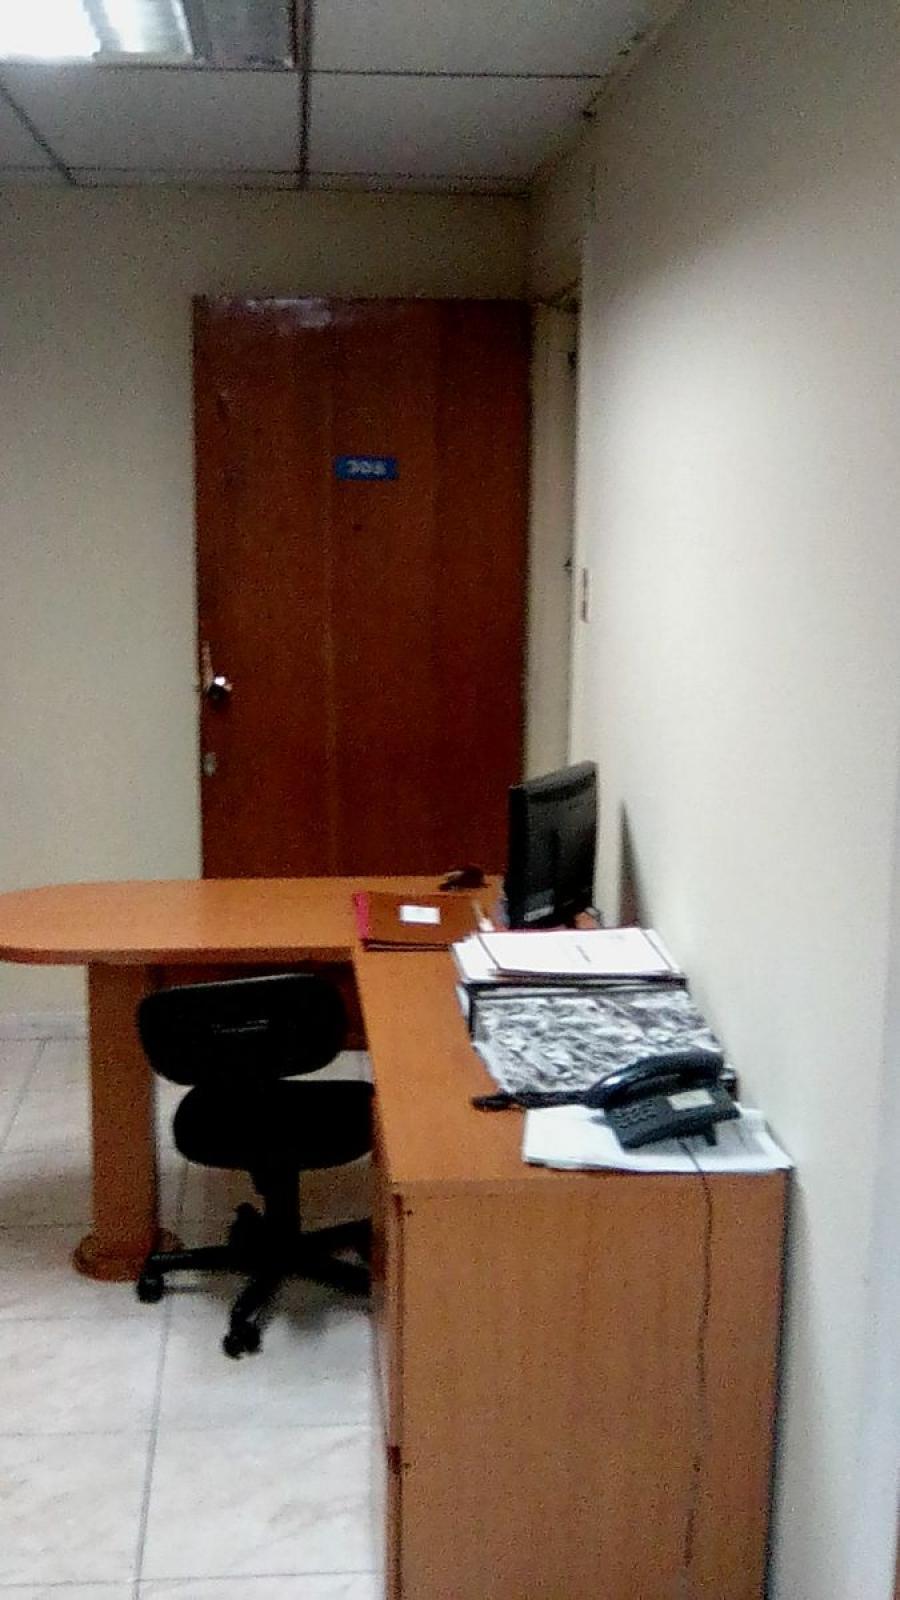 Foto Oficina en Venta en Av. Urdaneta, Caracas, Distrito Federal - U$D 16.500 - OFV139891 - BienesOnLine